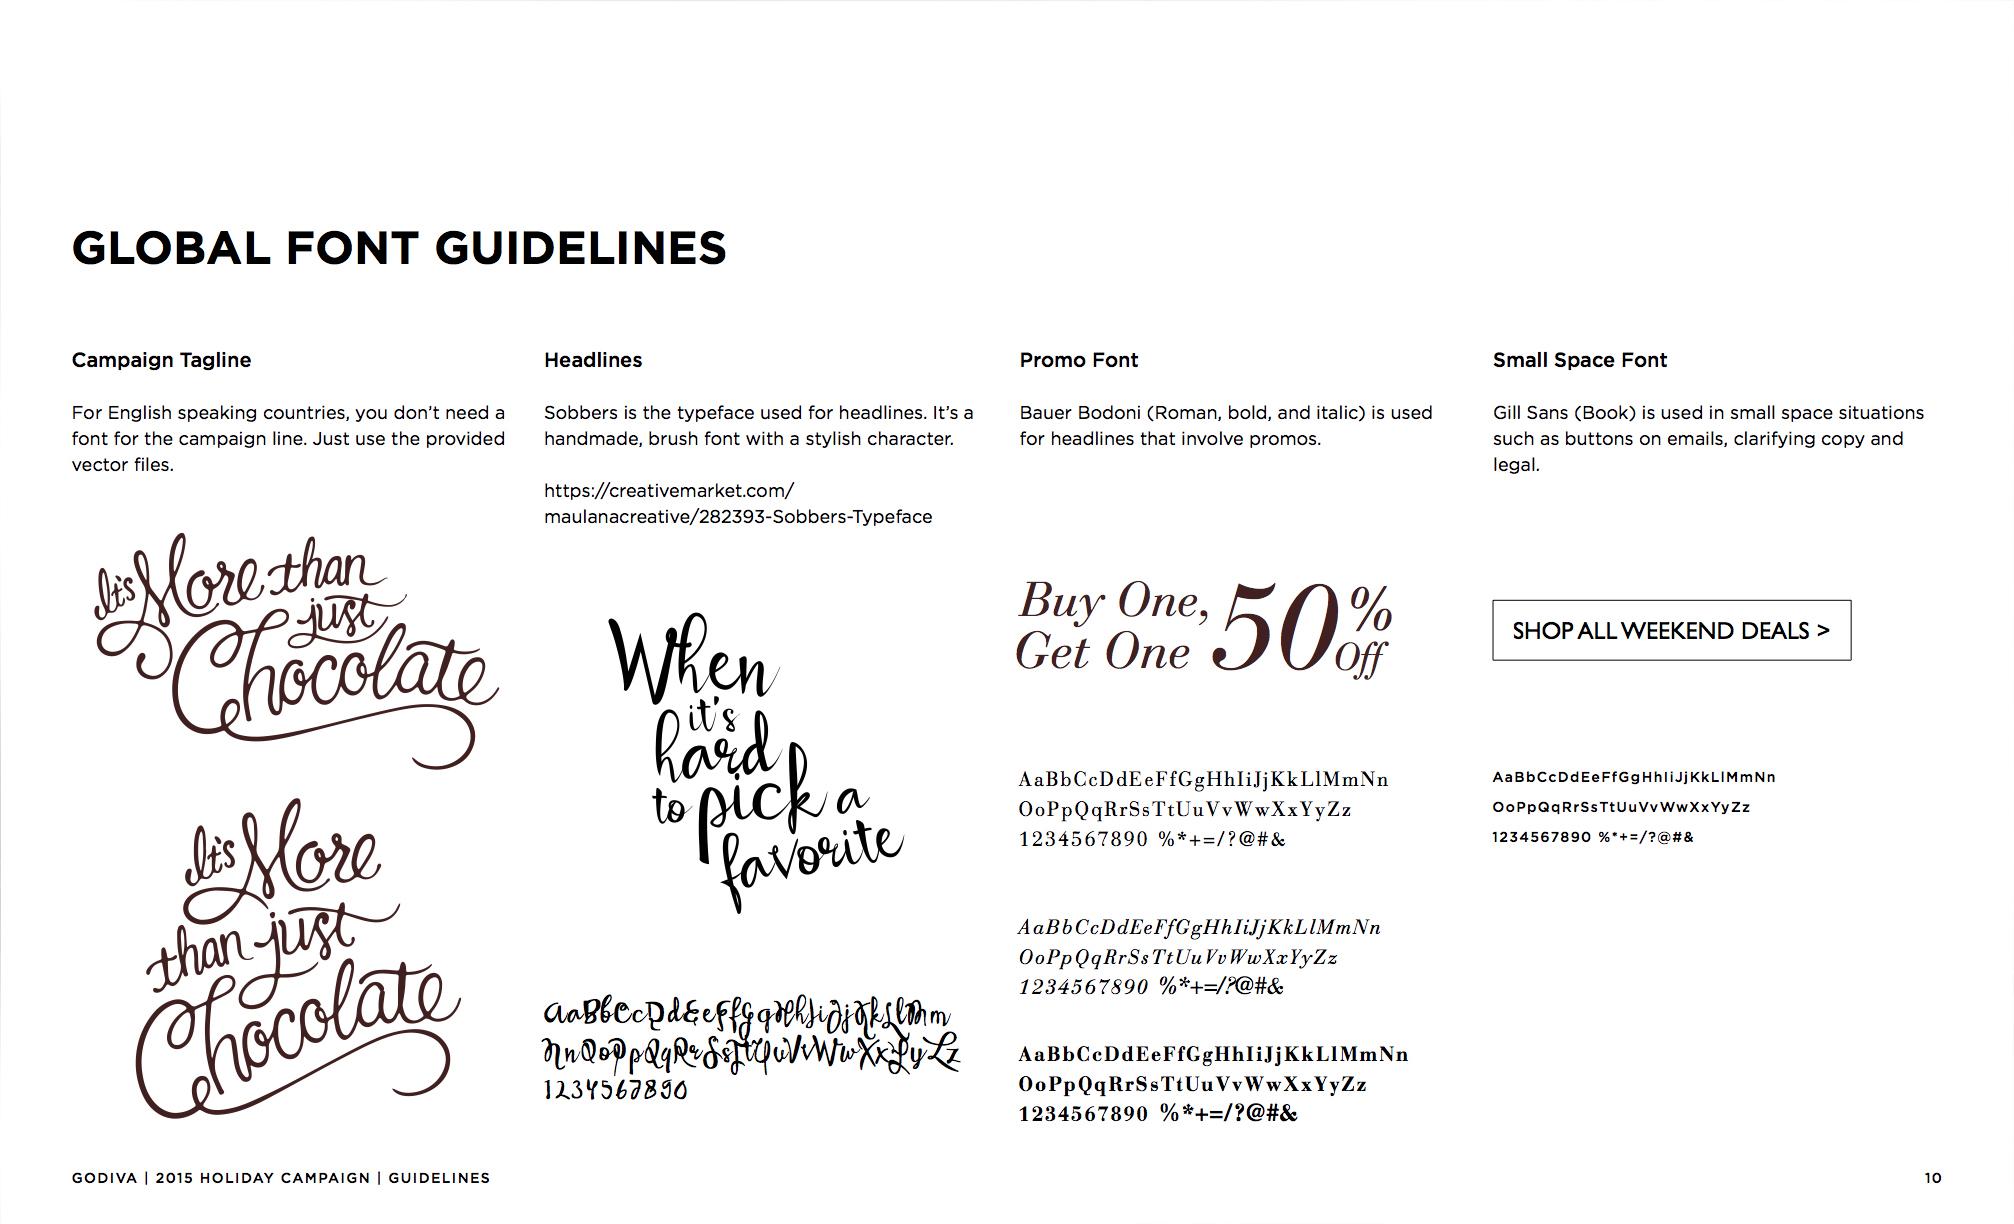 guidelines_excerpts4.jpg